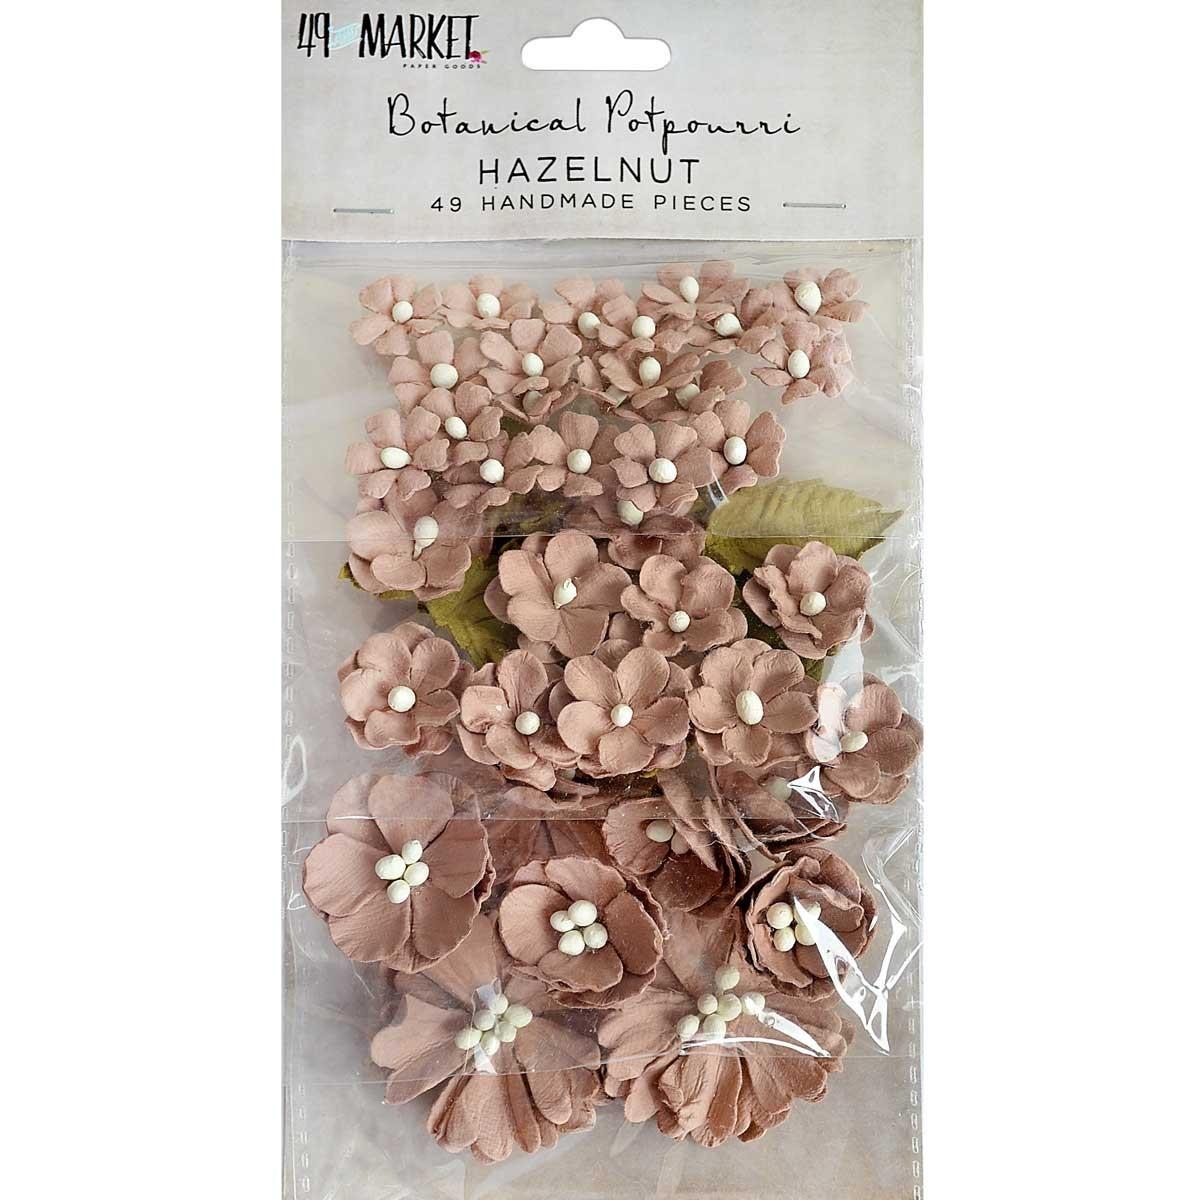 Papírvirág készlet - Botanical Potpourri – Hazelnut